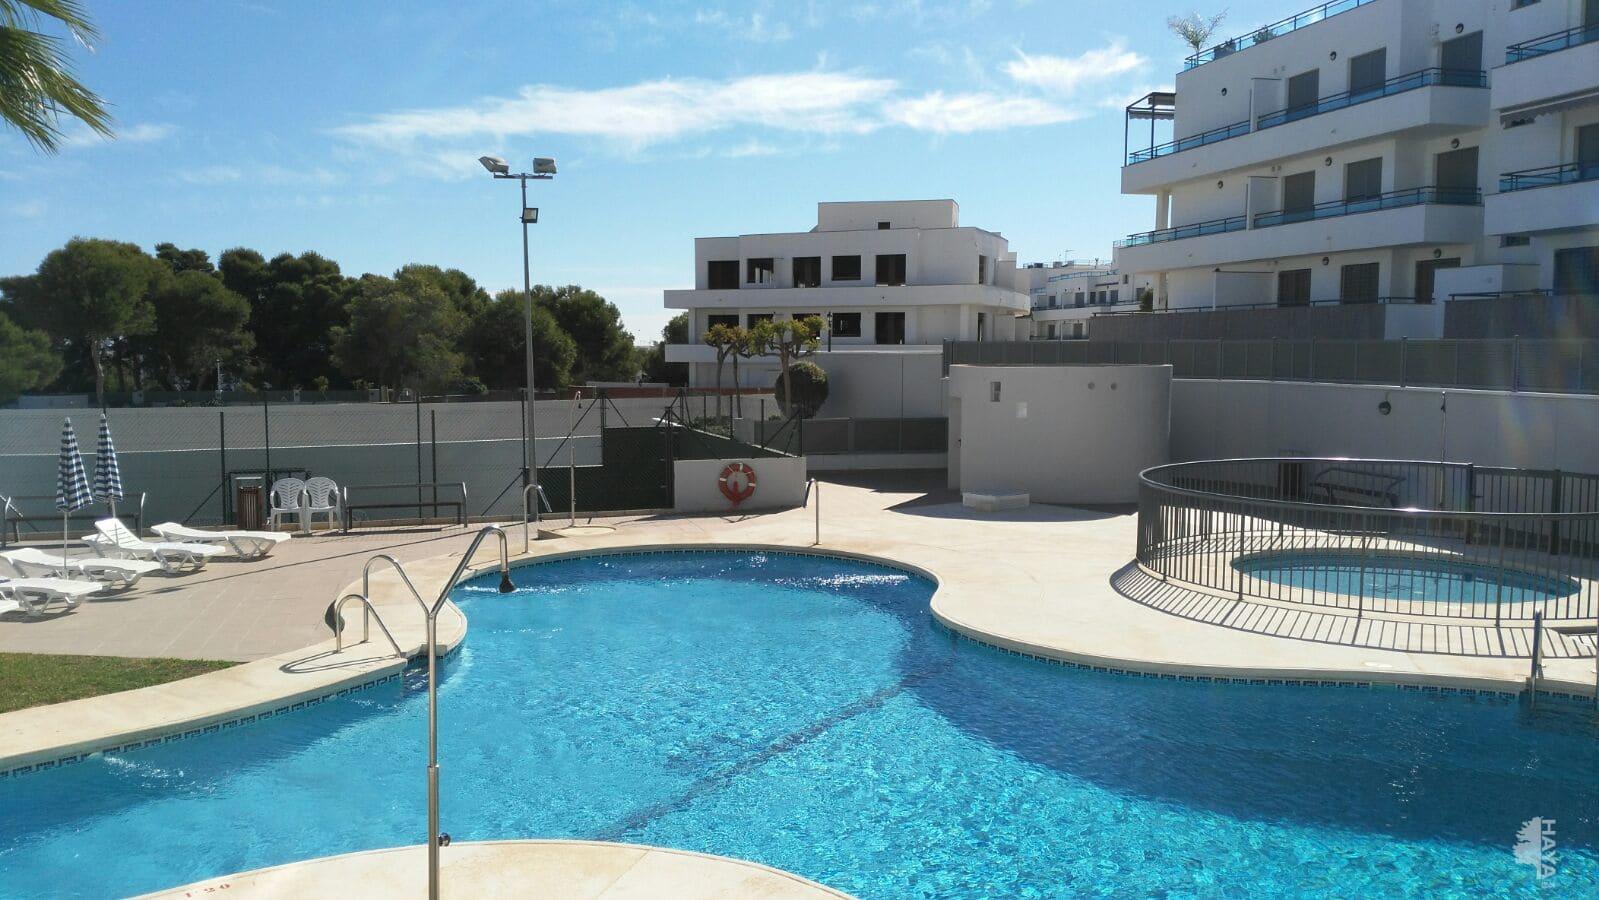 Piso en venta en Garrucha, Garrucha, Almería, Calle Murillo, 98.300 €, 2 habitaciones, 2 baños, 64 m2